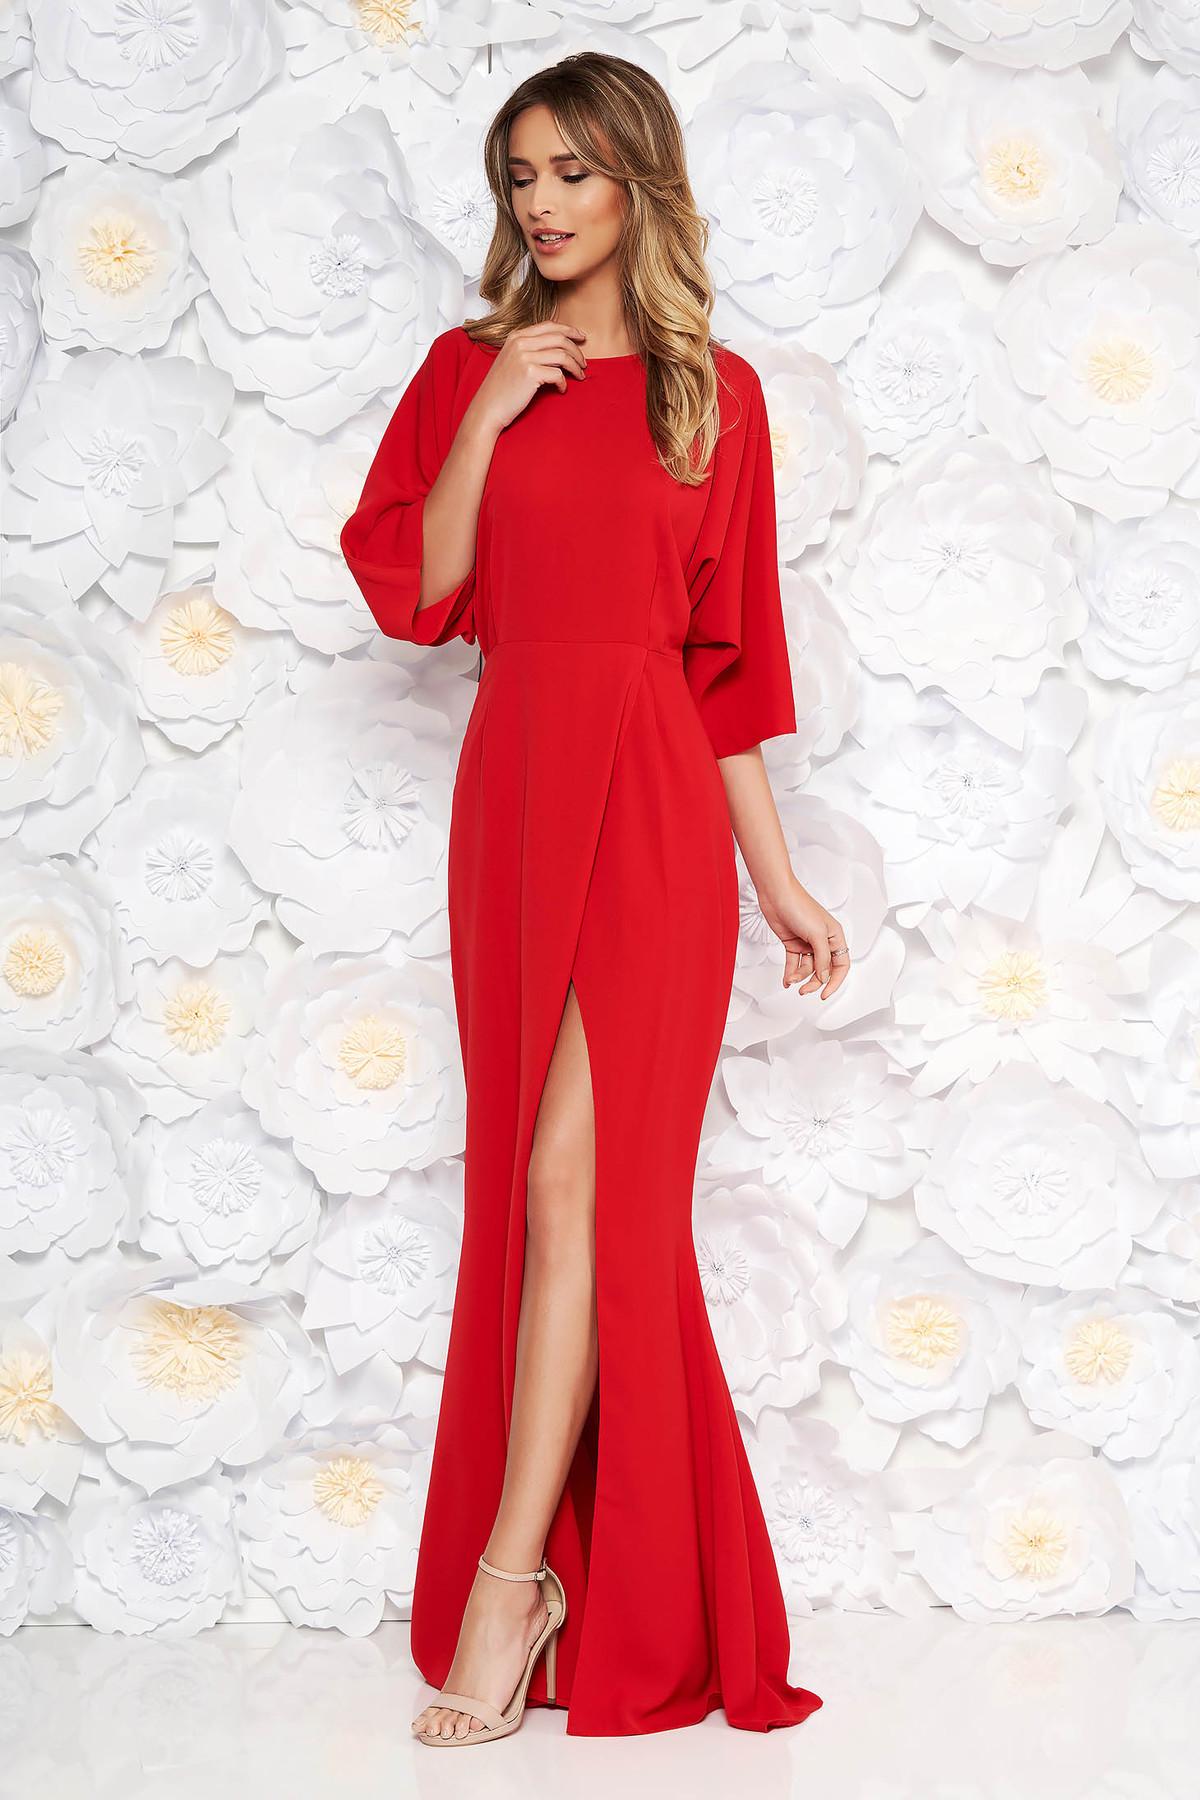 Rochie rosie de ocazie din material usor elastic si fin la atingere cu spatele decupat